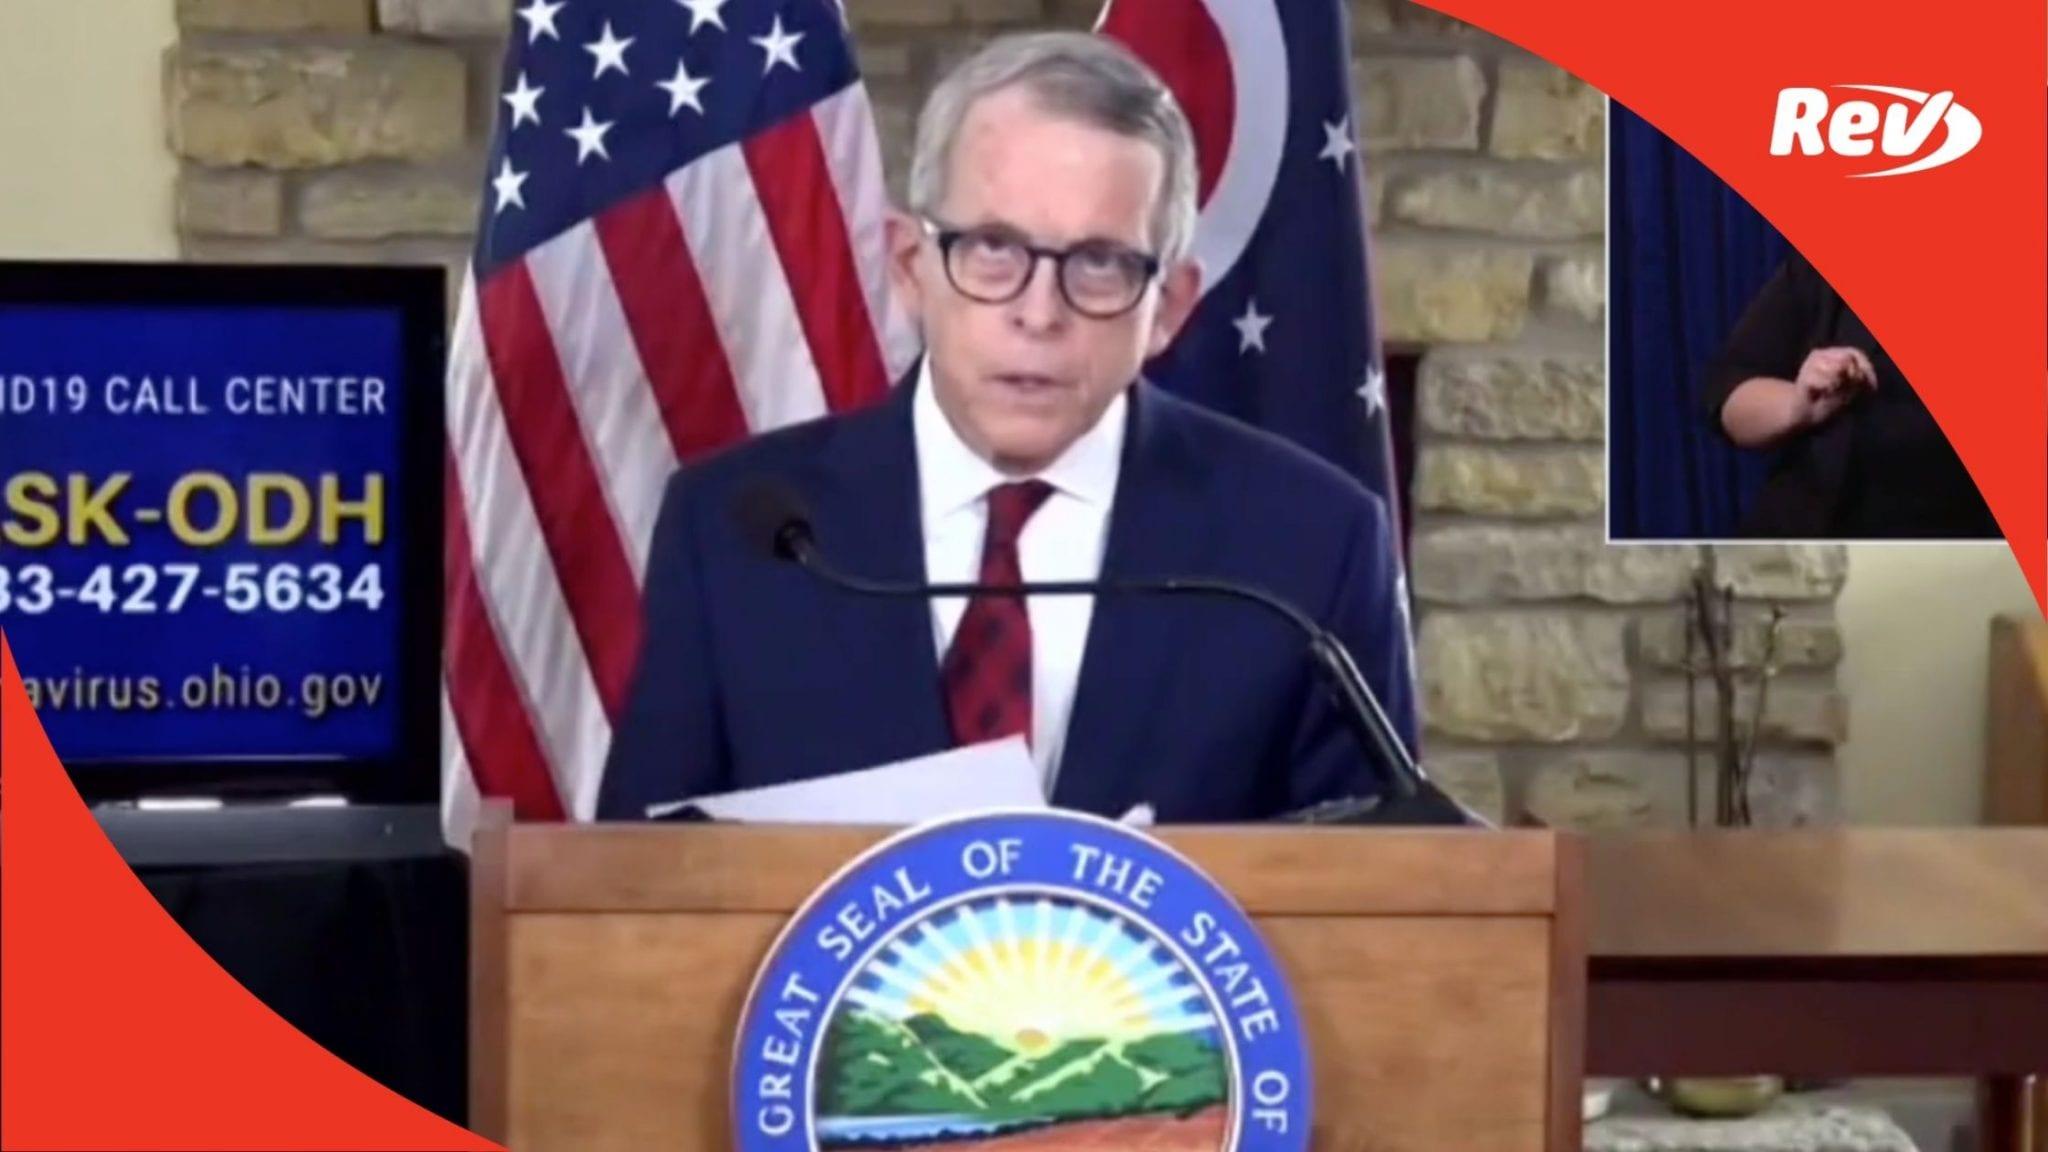 Ohio Gov. Mike DeWine COVID-19 Press Conference Transcript February 22